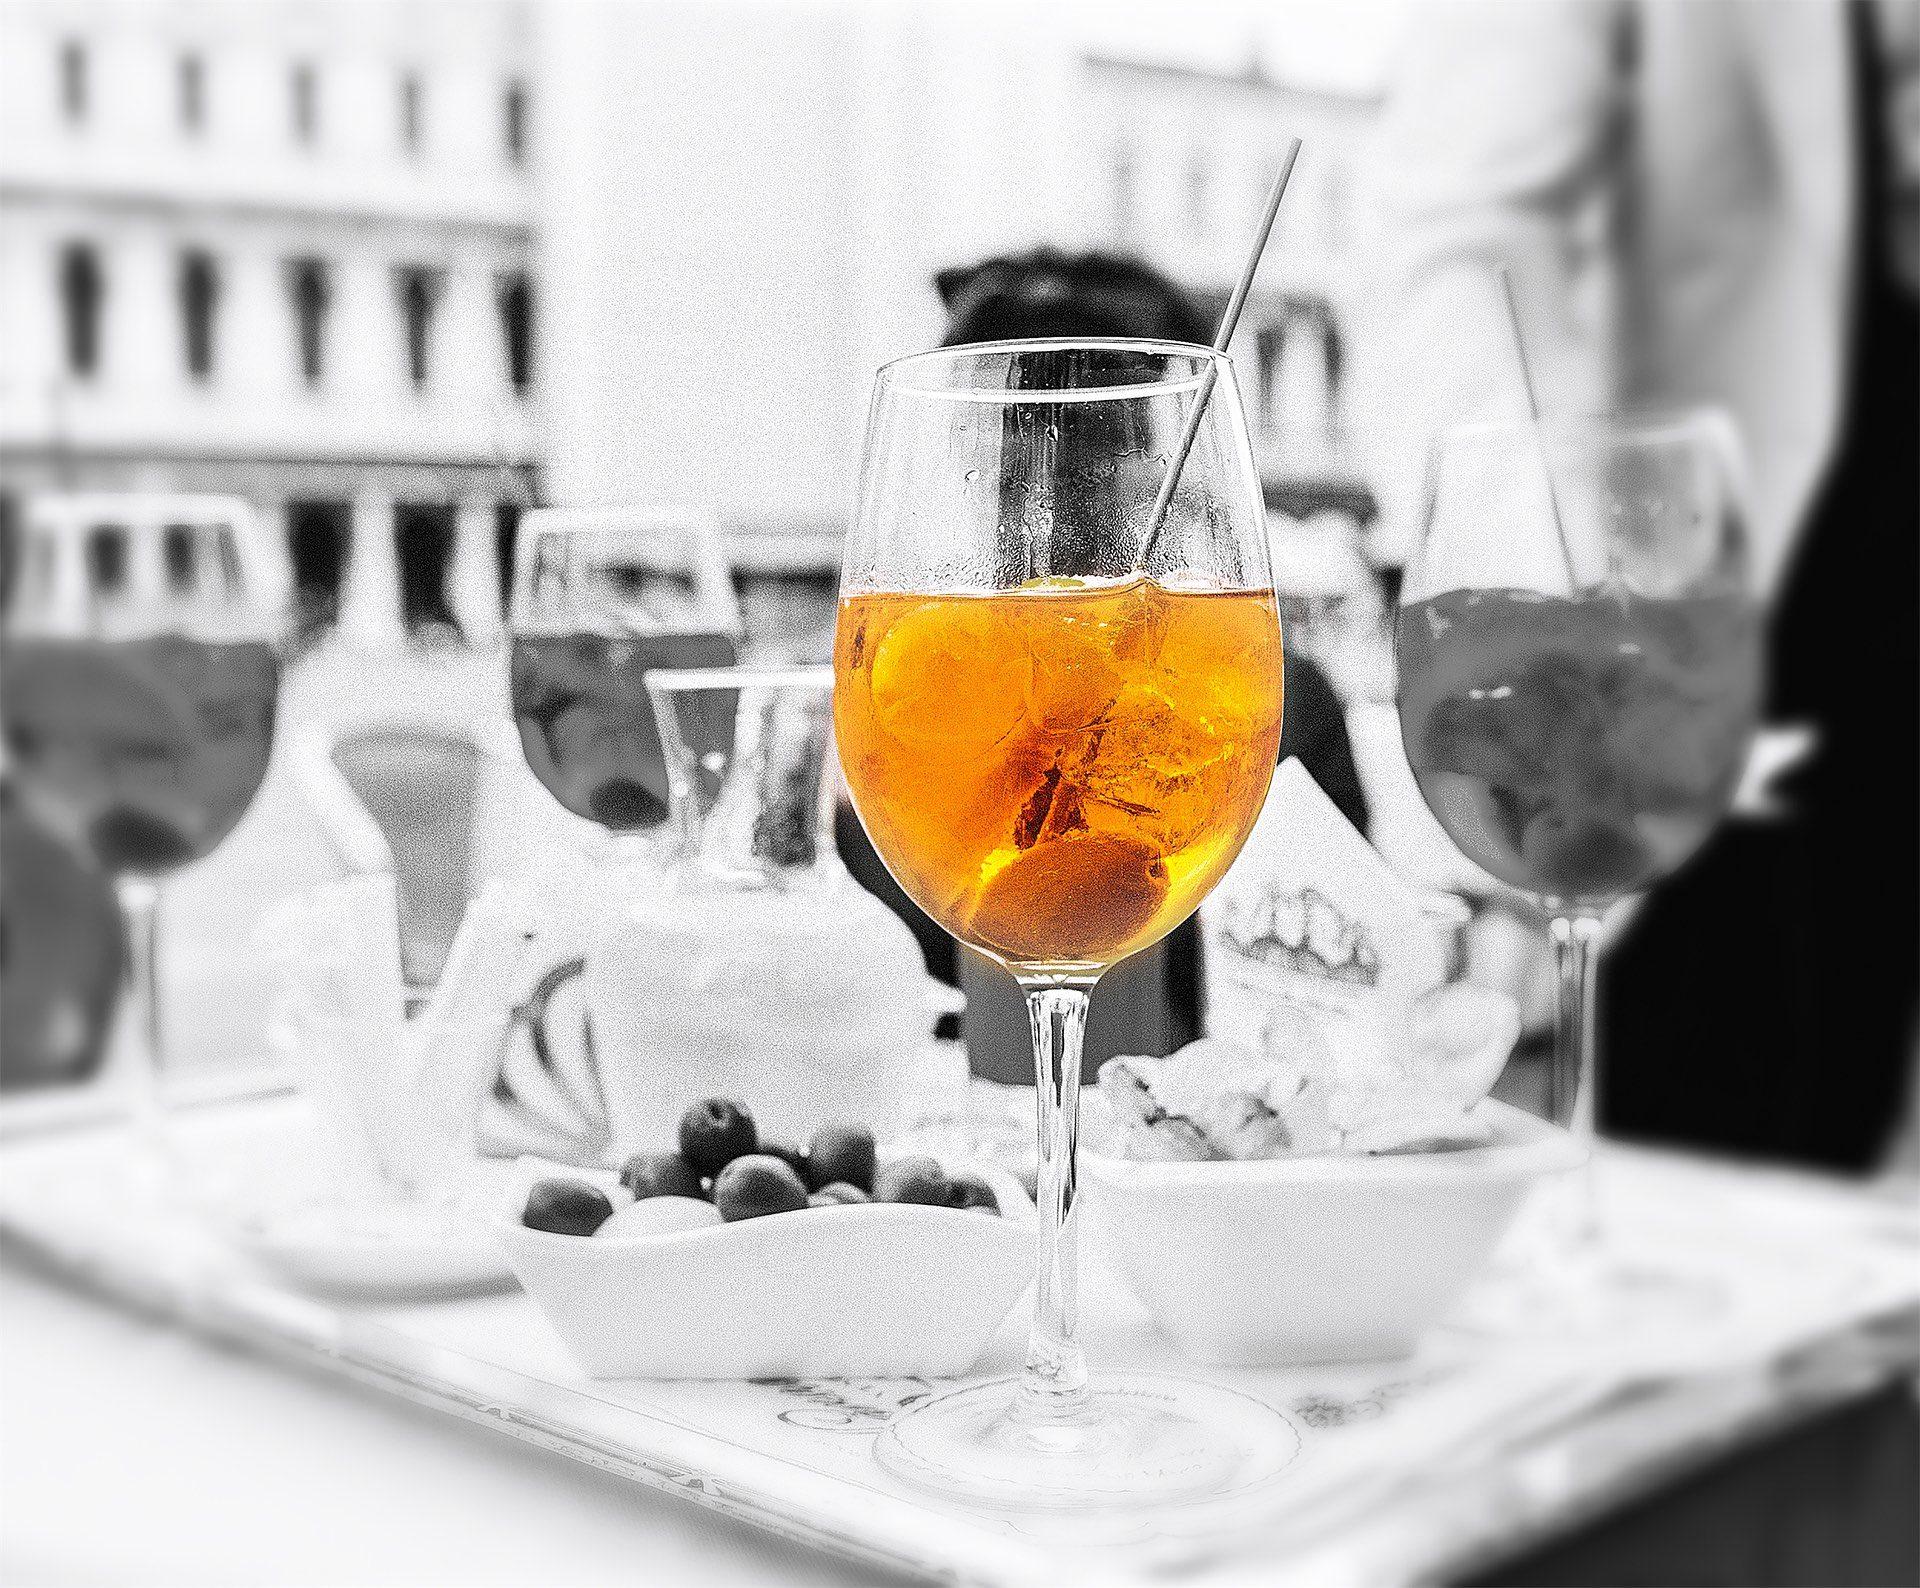 copa, martini, hielo, aceituna, en blanco y negro - Fondos de Pantalla HD - professor-falken.com